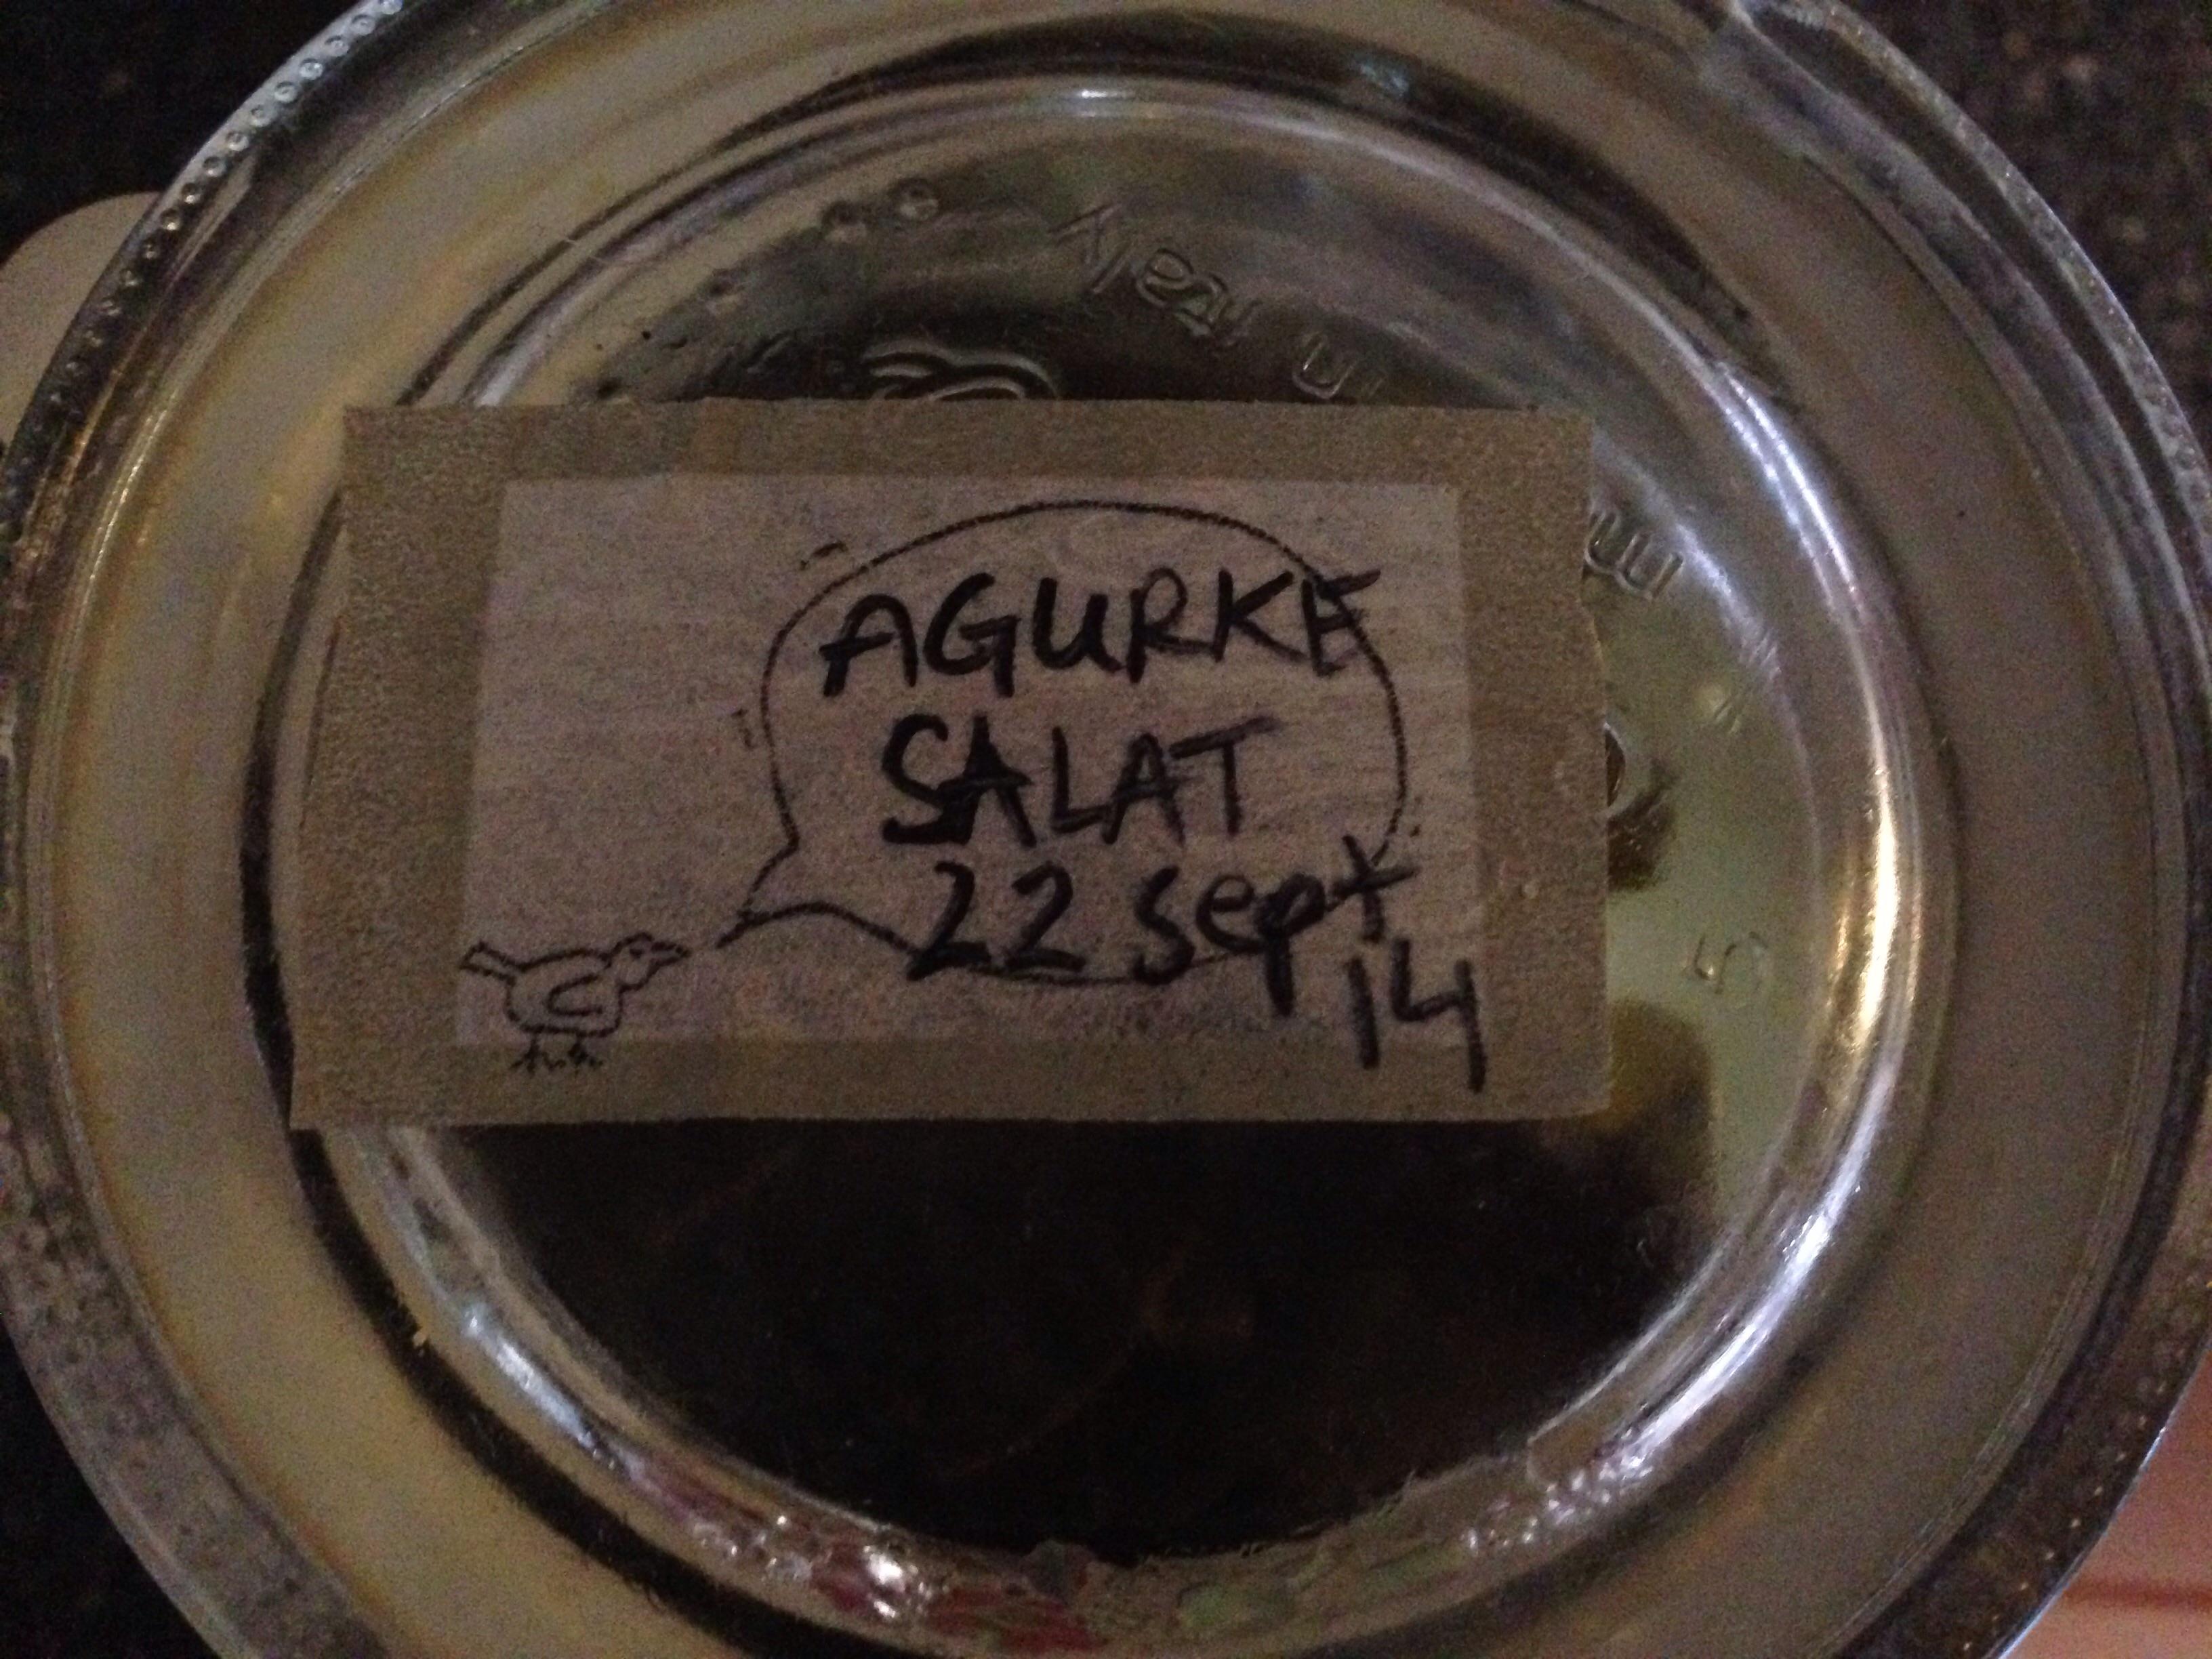 Agurke Salat fra sommerens sidste drueagurker